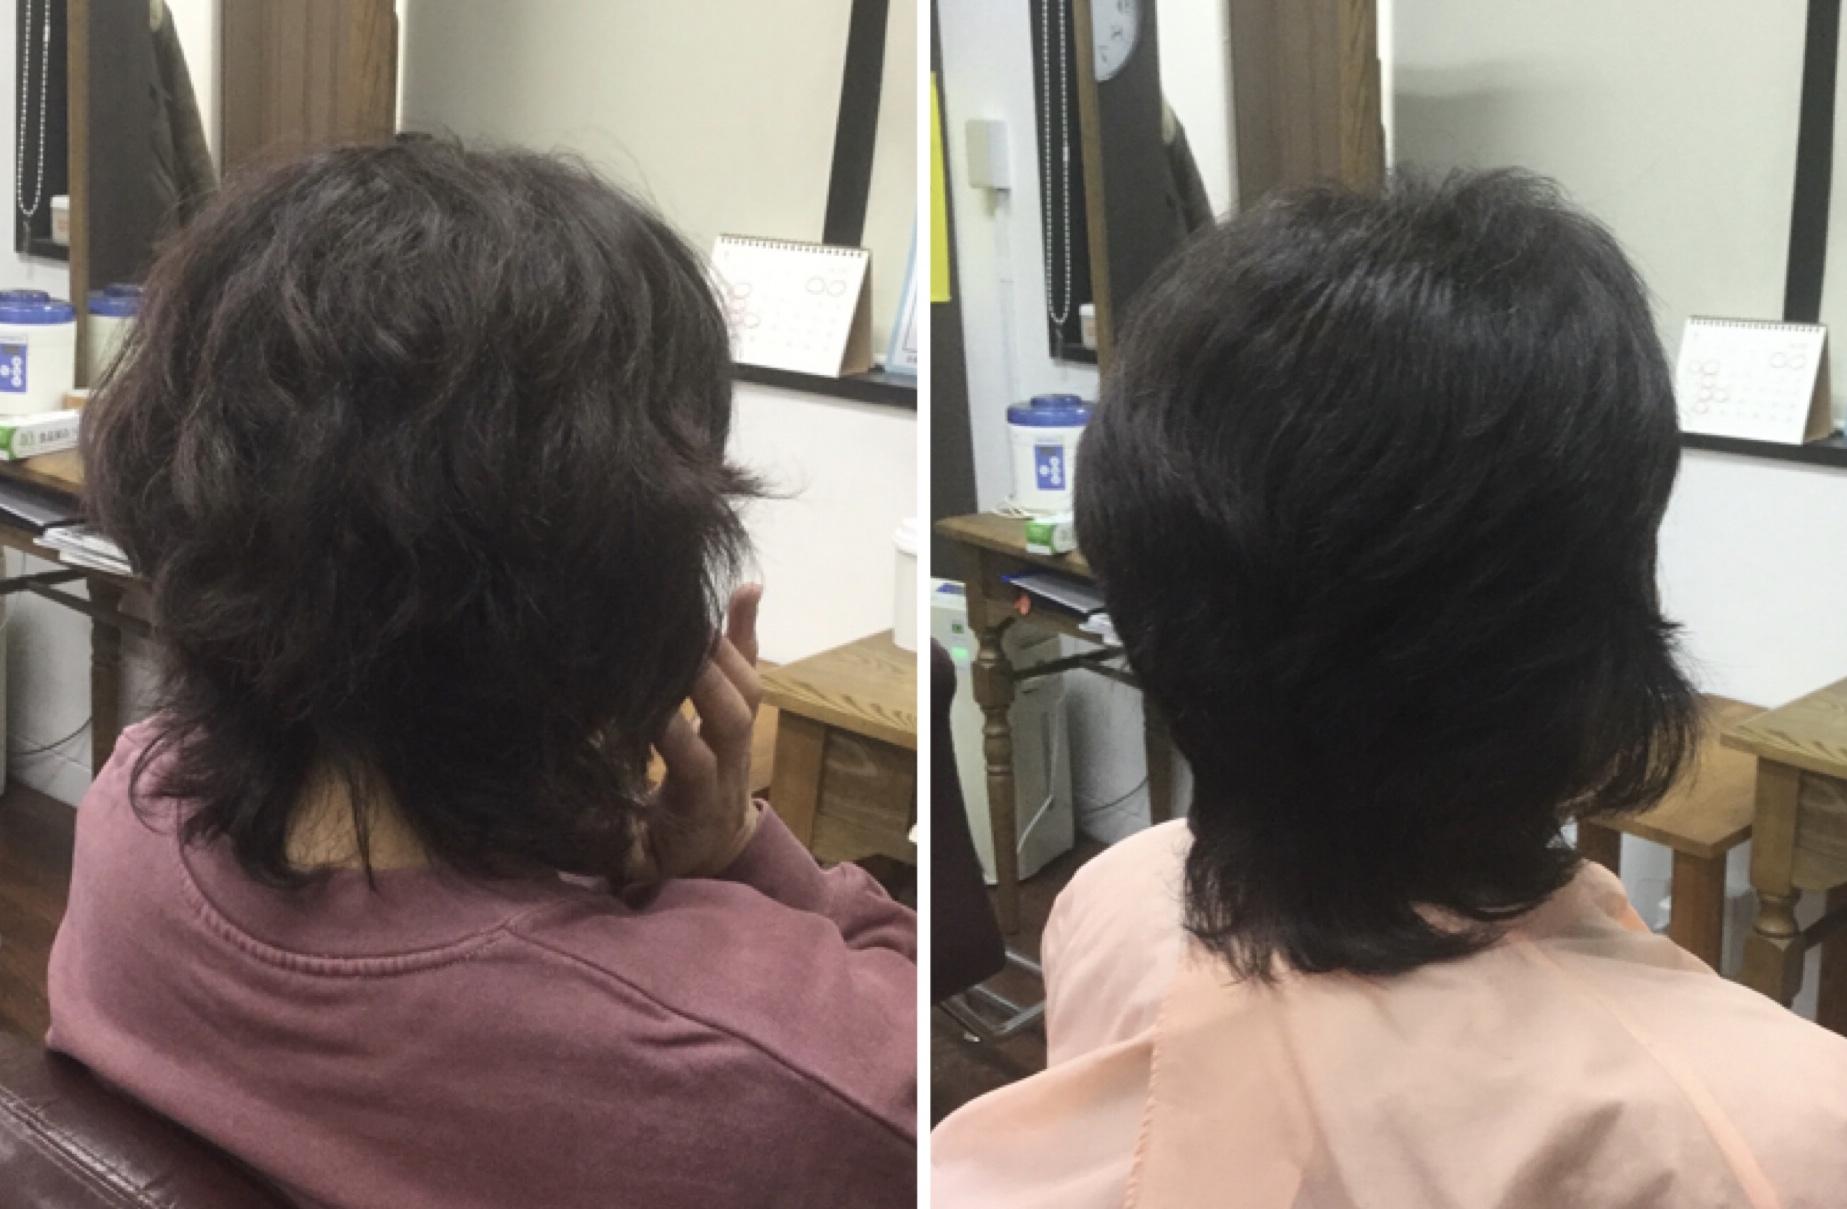 50代いつまで縮毛矯正をします?キュビズムカット®︎と国産100%美らヘナ®︎で卒業神戸美容室アバディ